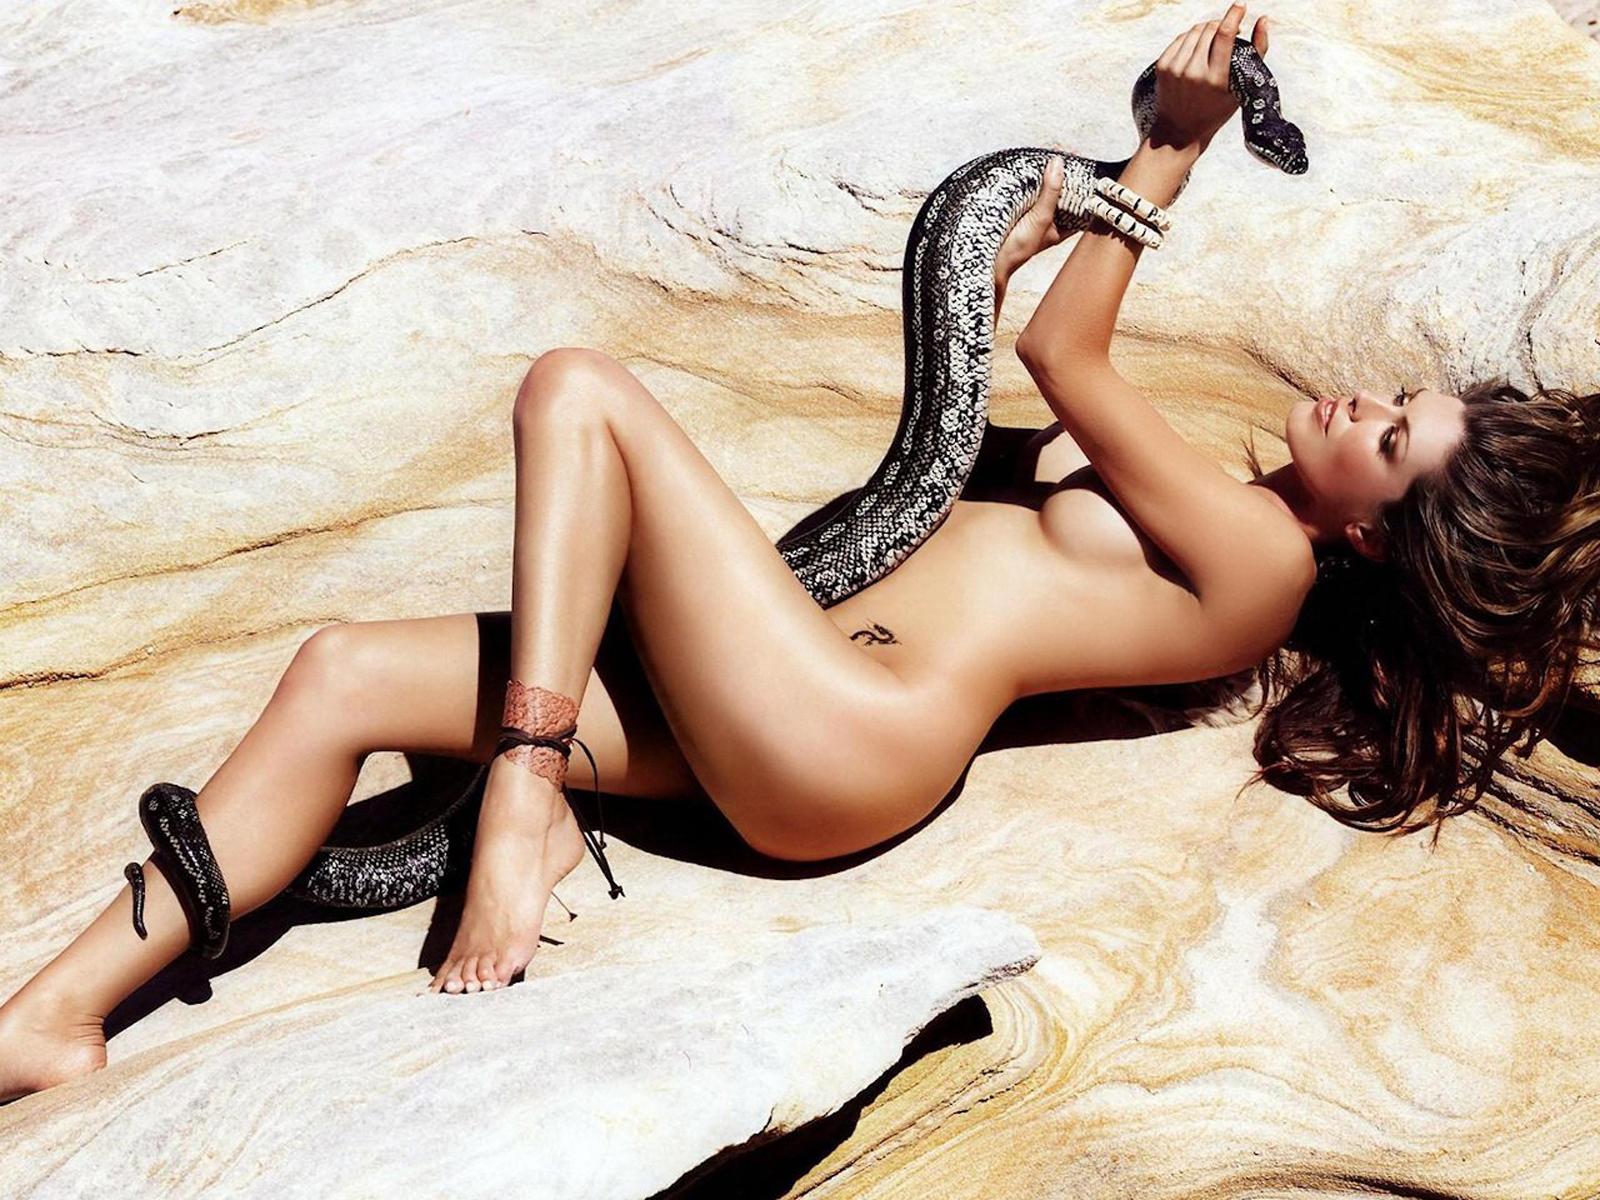 Snakes nude model xxx pics